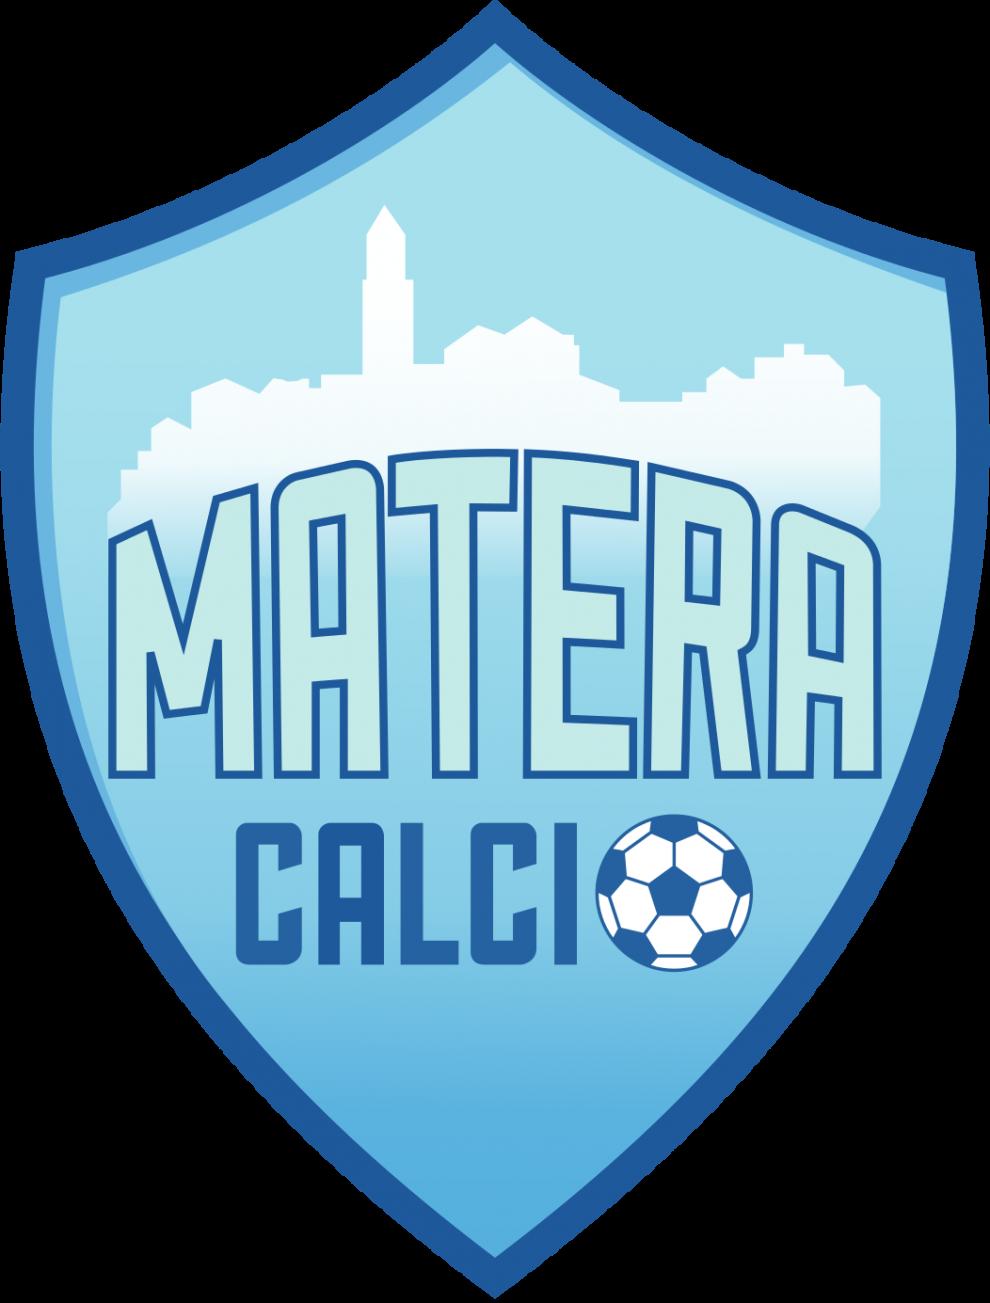 Stemma Matera Calcio